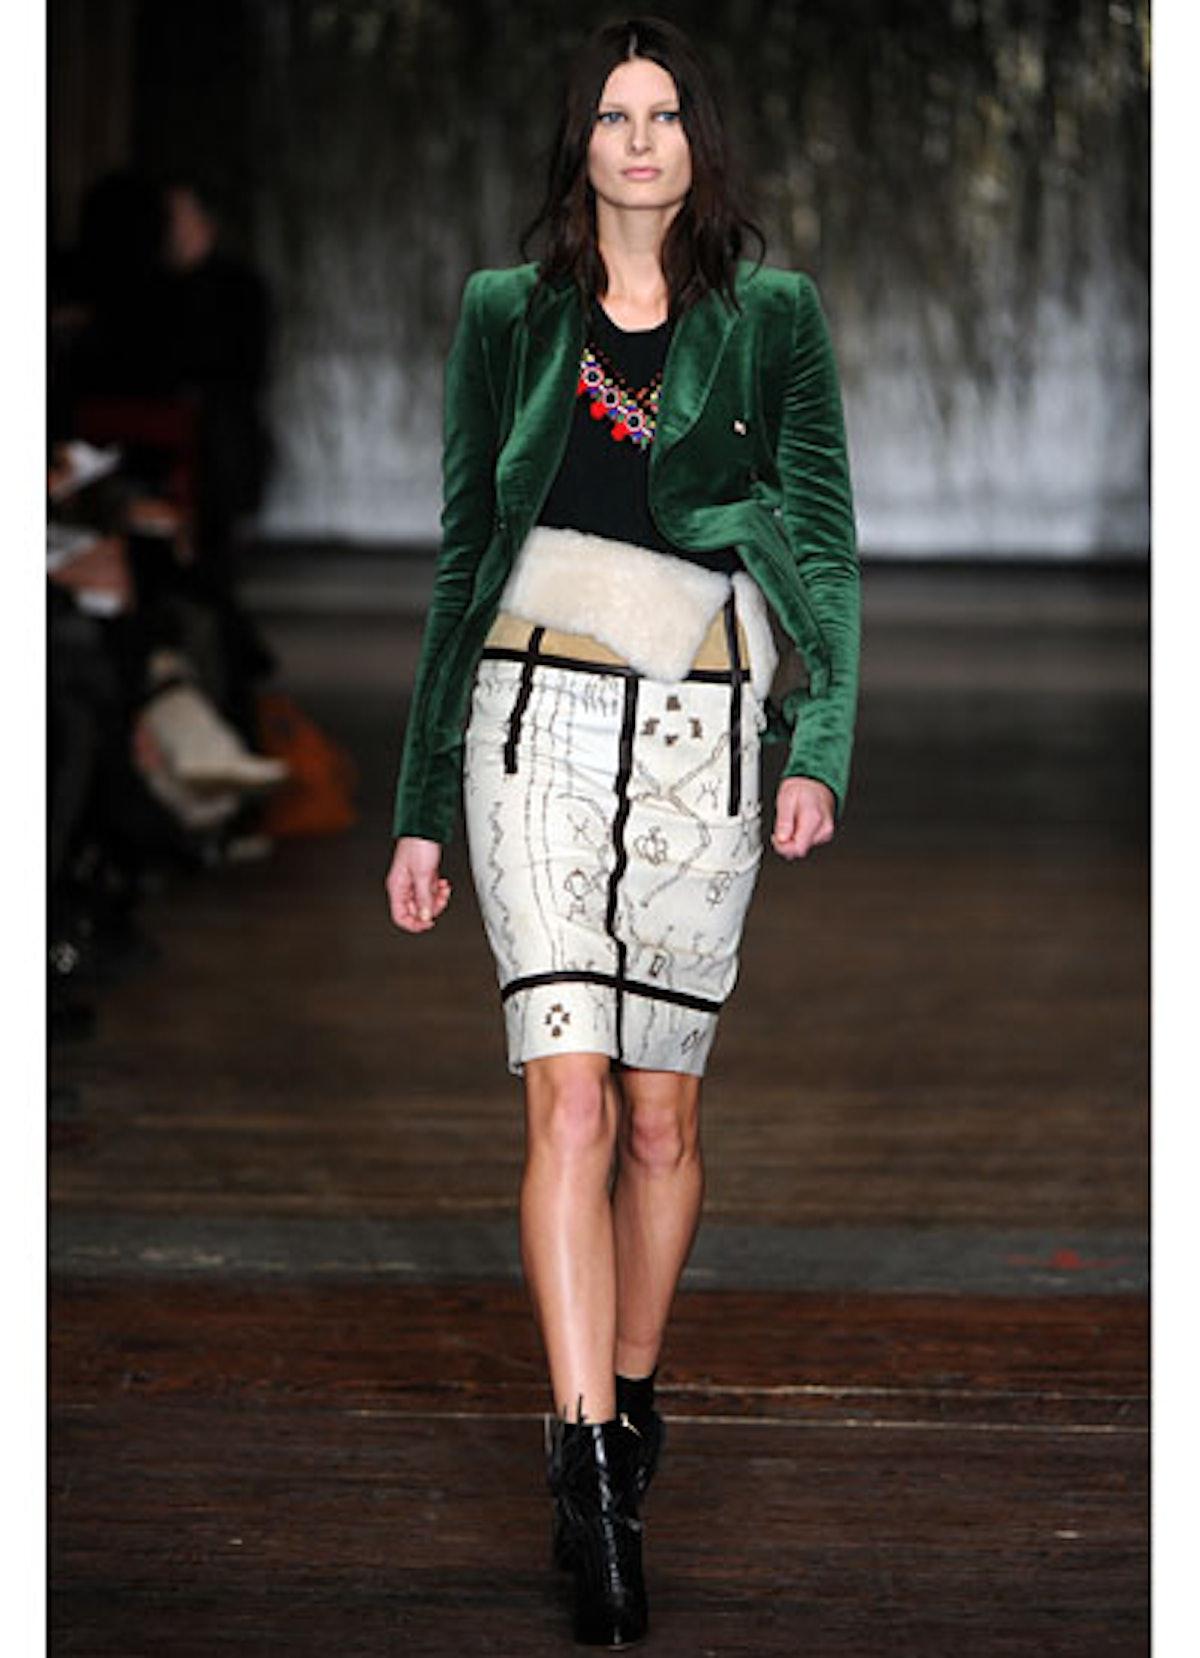 fass-fall-2012-fashion-roundup-15-v.jpg